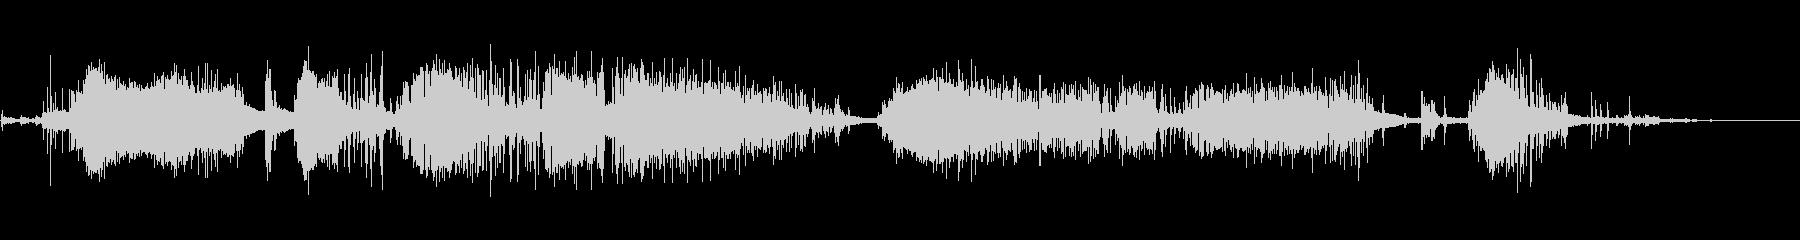 シングルプロップ:開始、ラフアイド...の未再生の波形